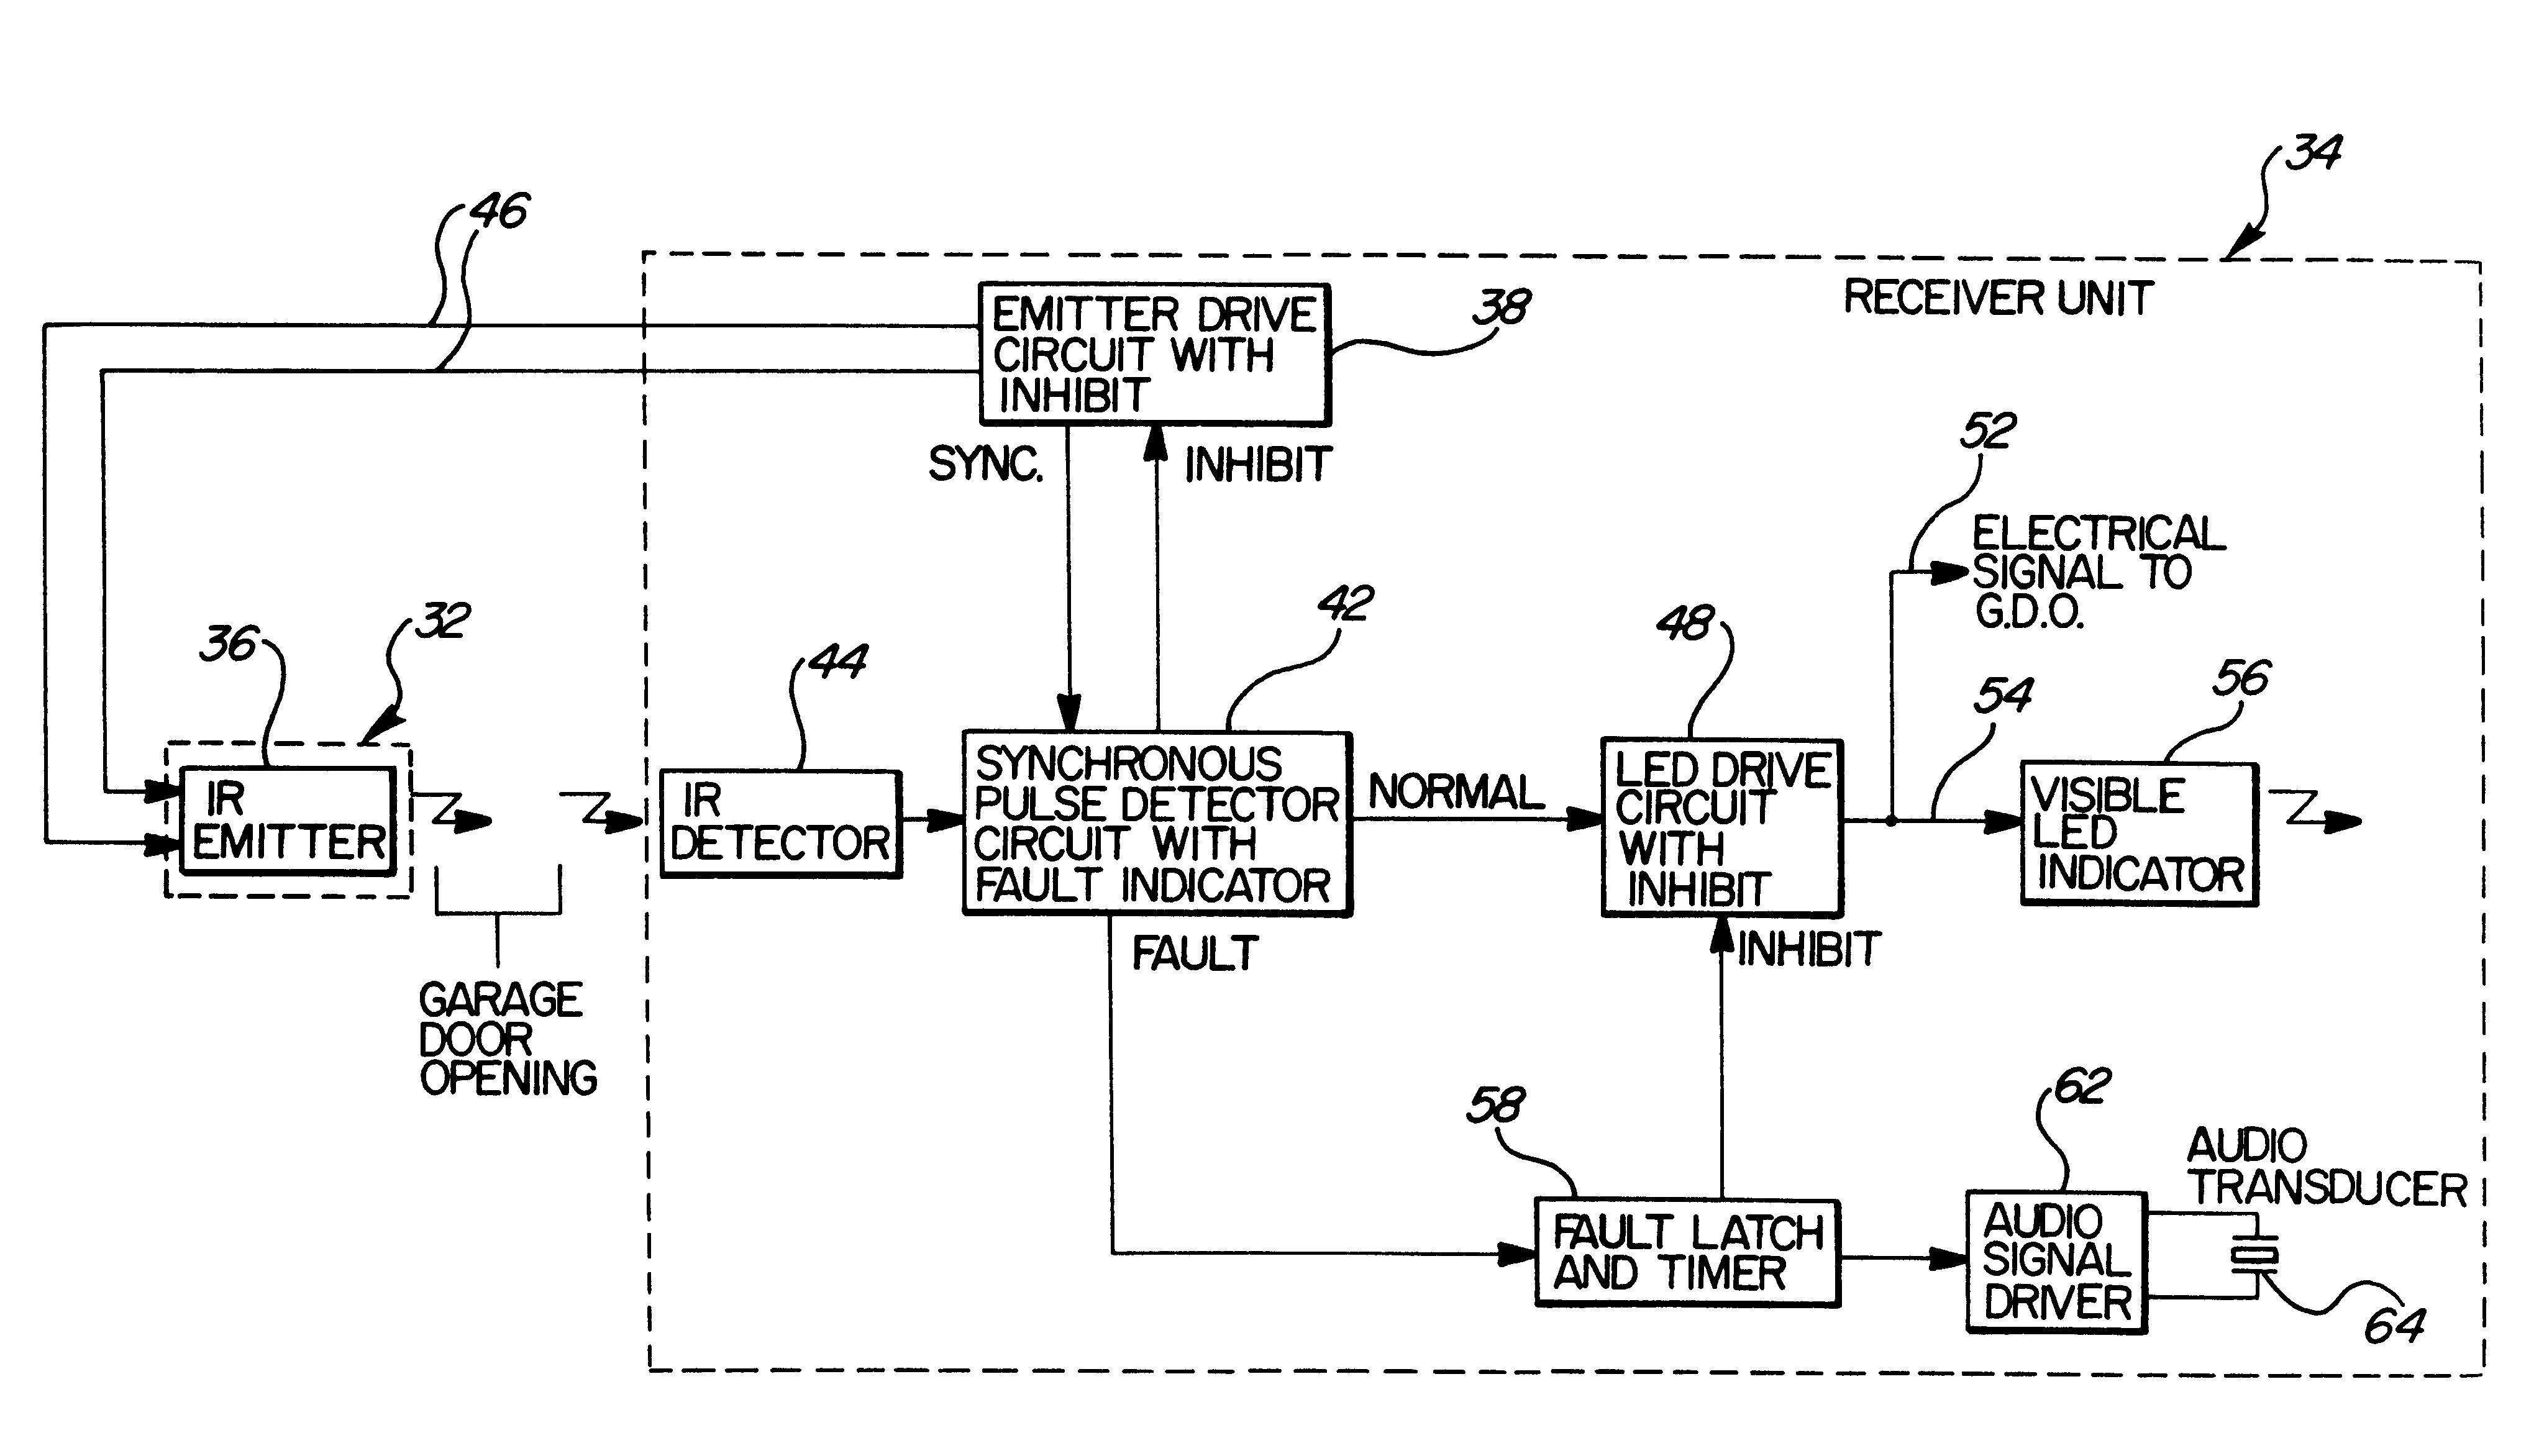 [ZHKZ_3066]  375EAB2 Craftsman Garage Door Wiring Diagram | Wiring Resources | Wiring Diagram Garage Door Sensor |  | Wiring Resources